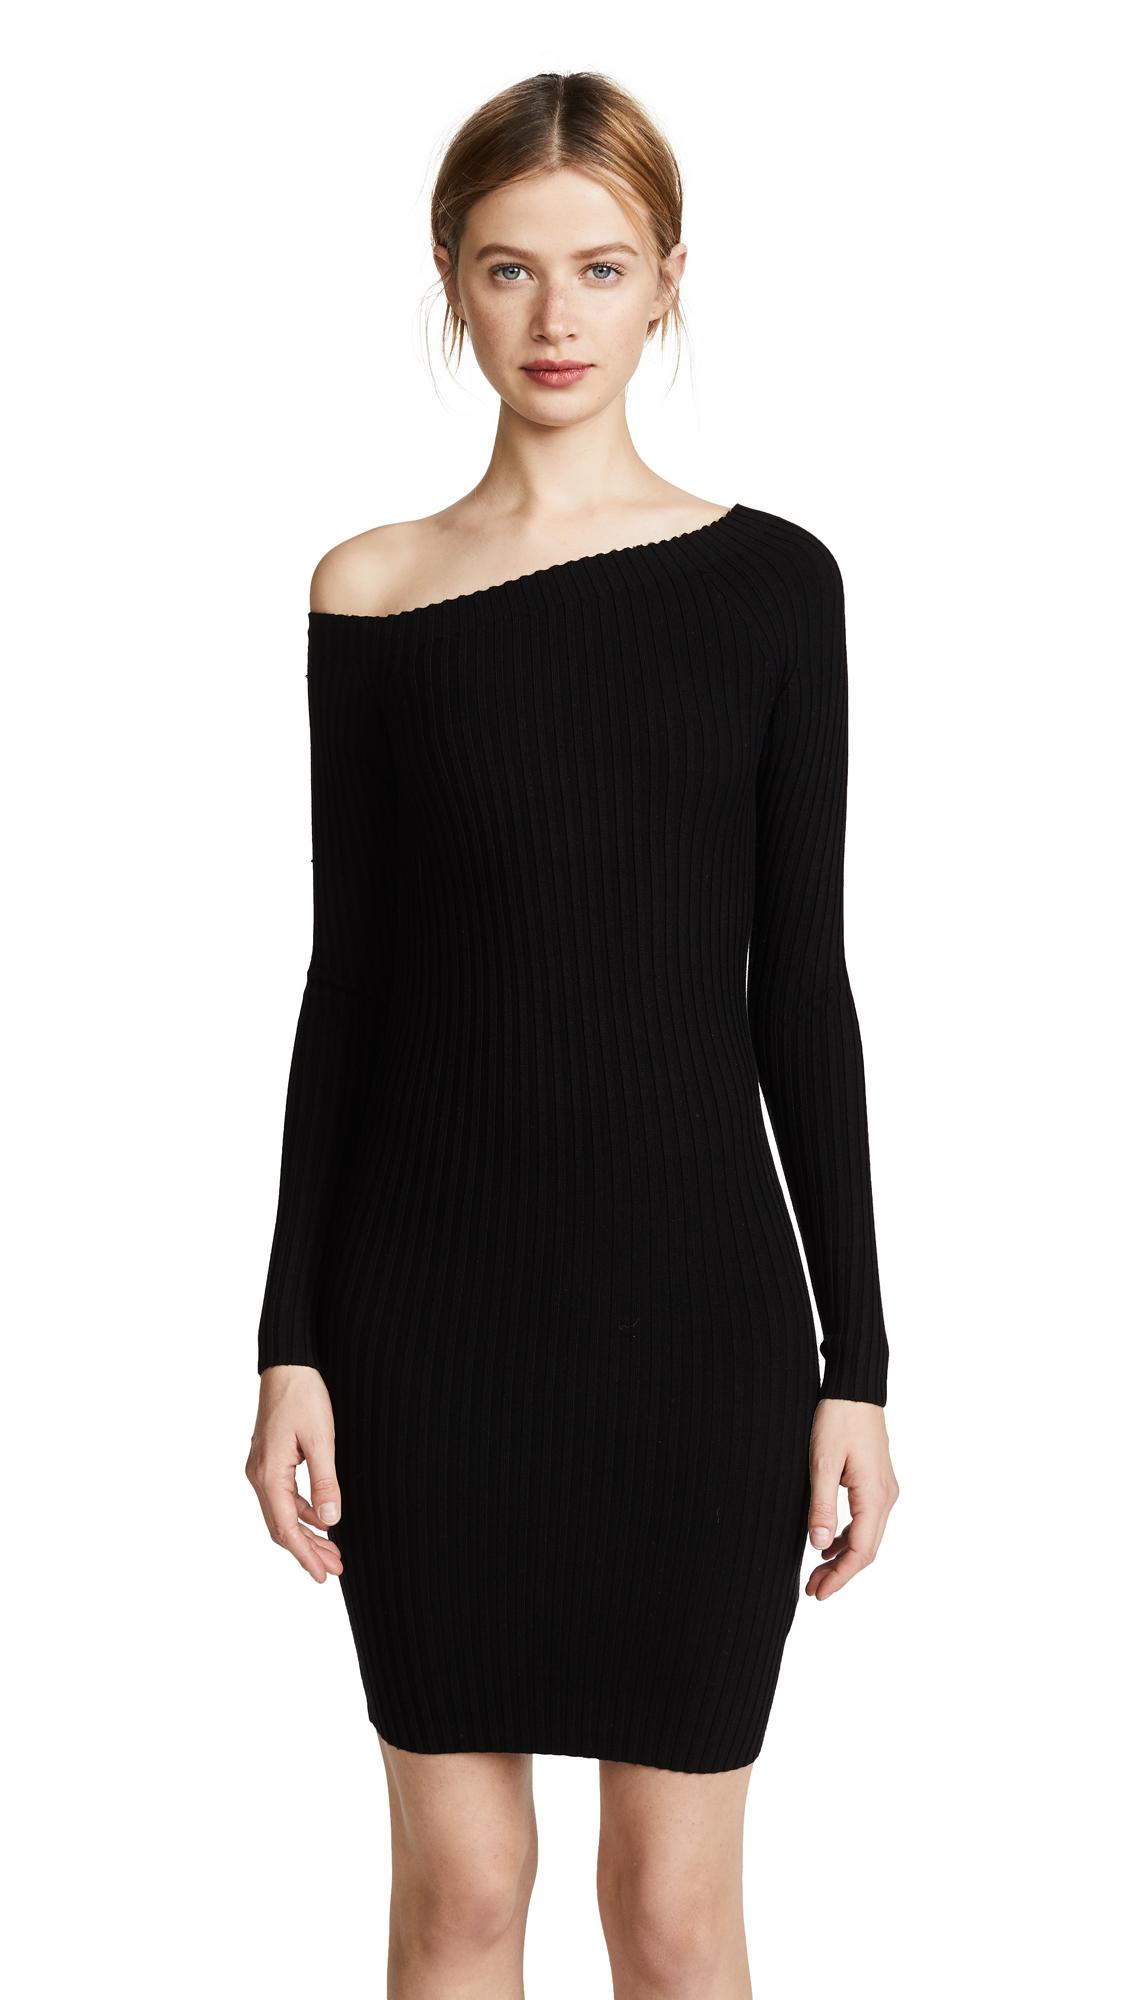 Helmut Lang One Shoulder Dress - Black